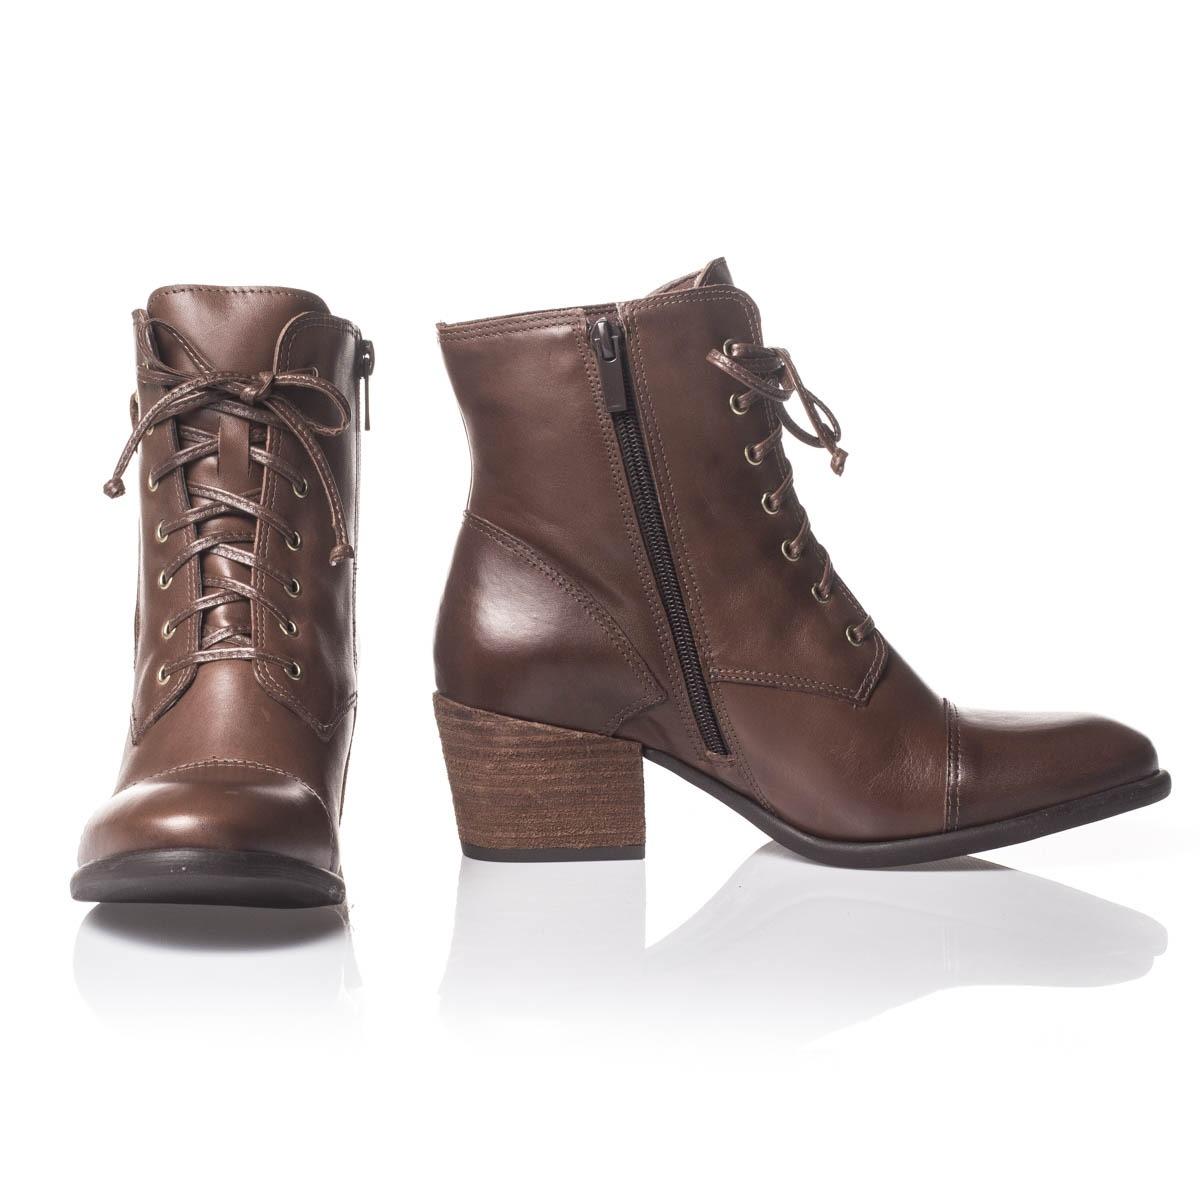 ... bota coturno cano baixo feminina cadarço parô couro - zíper. Carregando  zoom. df4a9821e68036 ... e618da9771da9